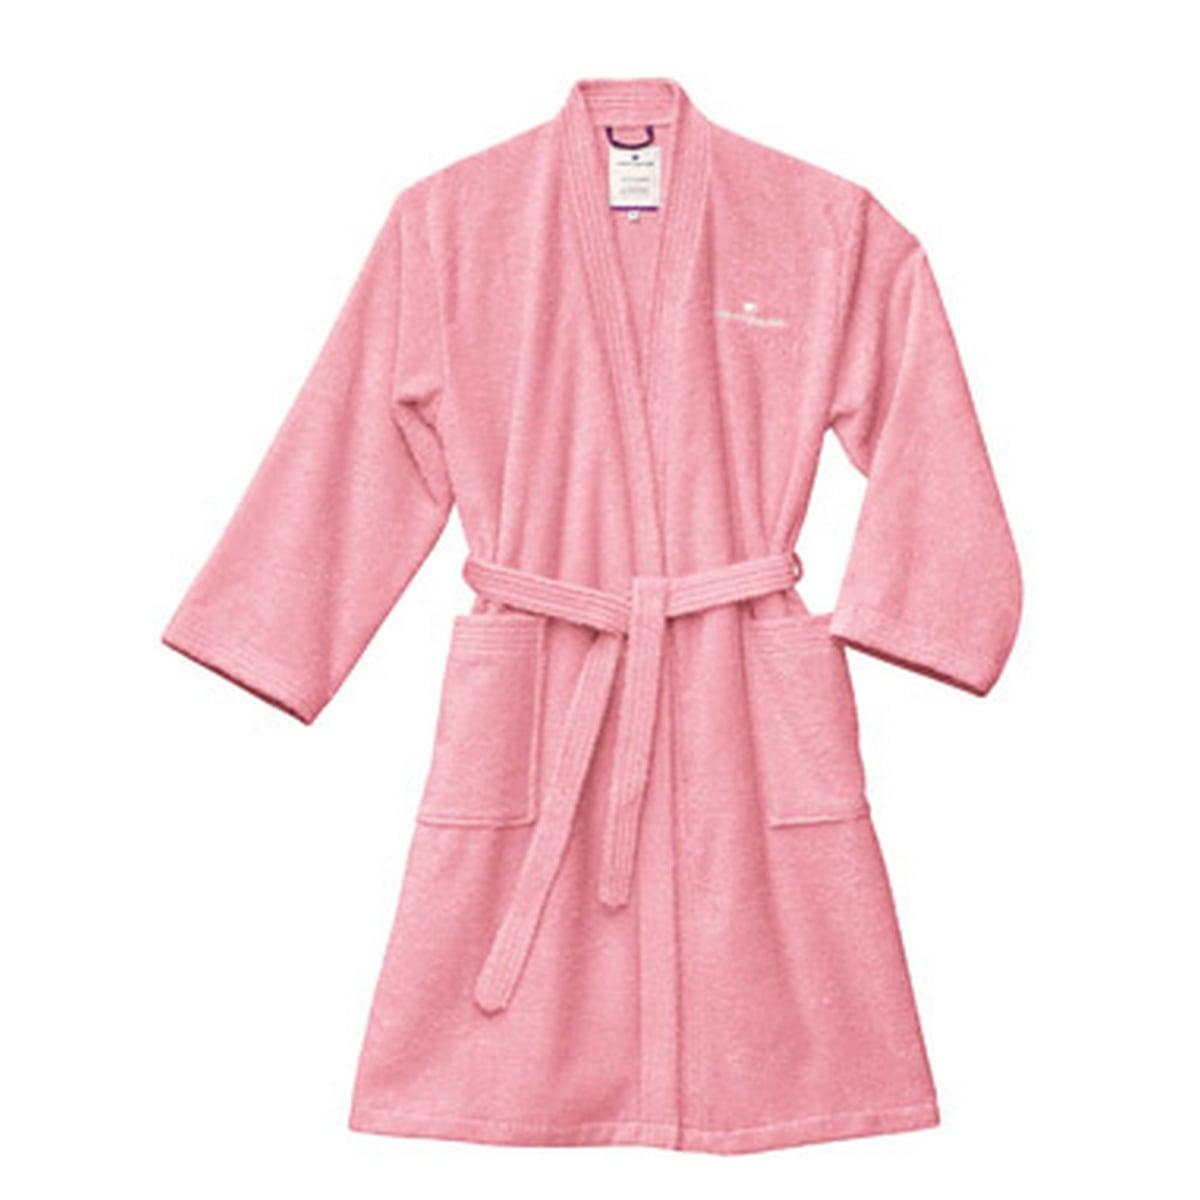 Μπουρνούζι 100 300 936 Rose Tom Tailor Small S